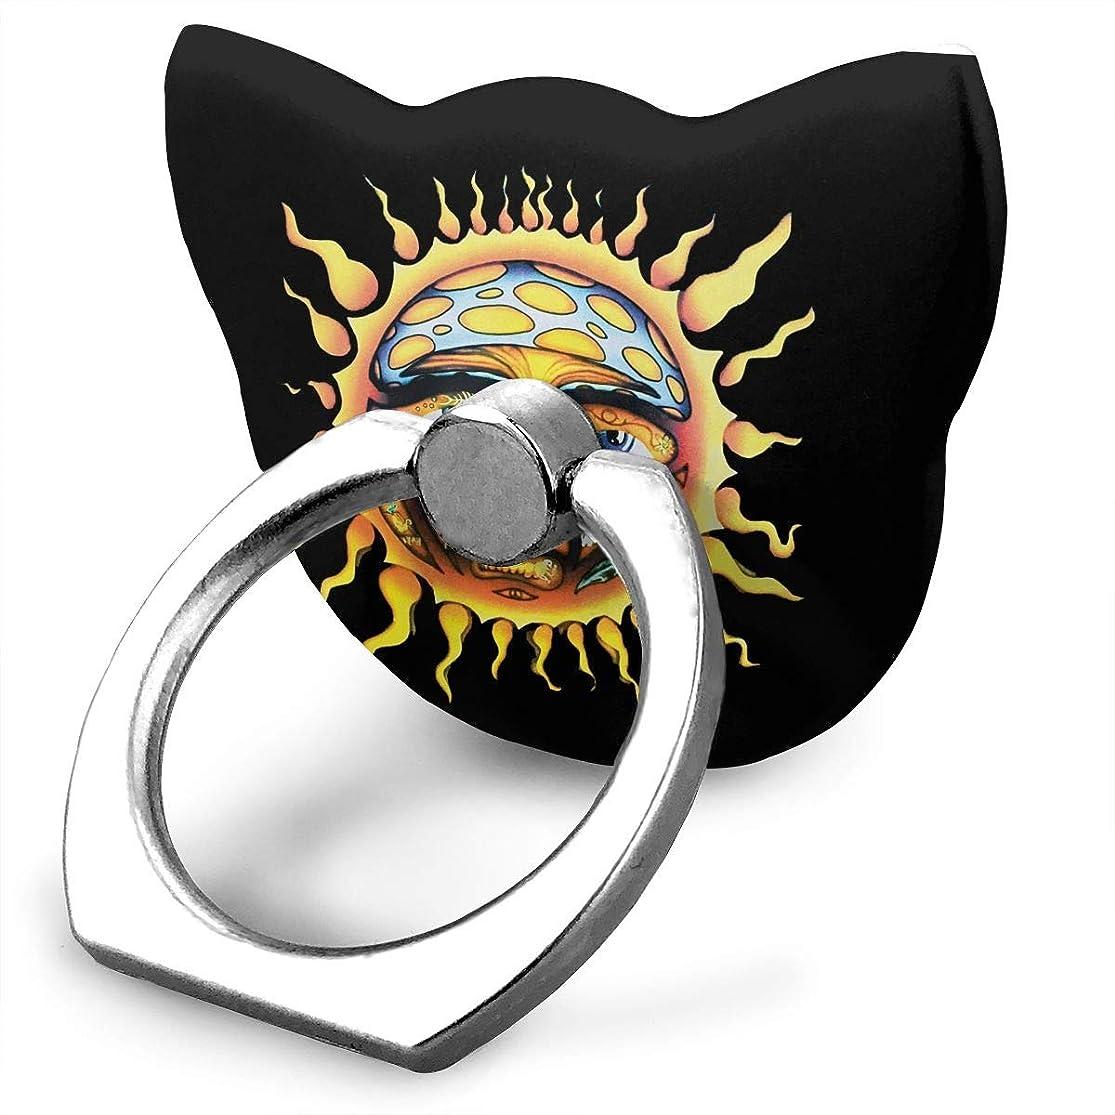 後継浮く祈るサブライム? スマホリング 猫耳 ホールド リング 指輪リング 薄型 おしゃれ 落下防止 360° ホルダー 強吸着力 IPhone/Android各種他対応